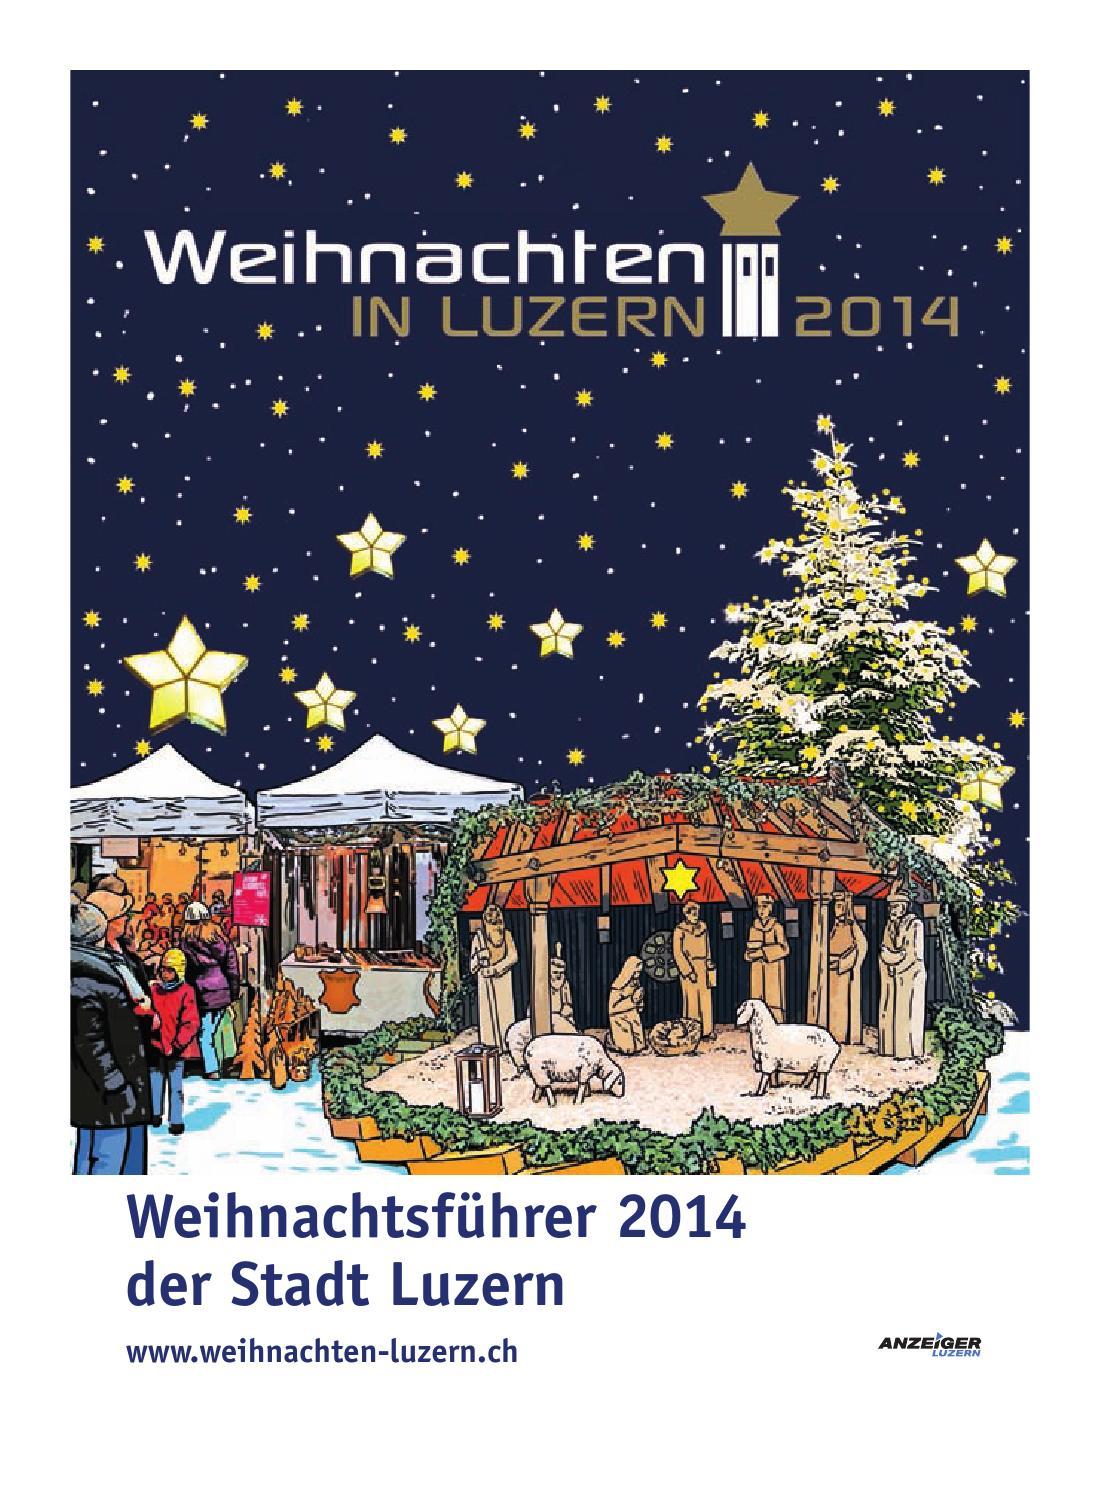 Weihnachten 2014 by Anzeiger-Luzern - issuu